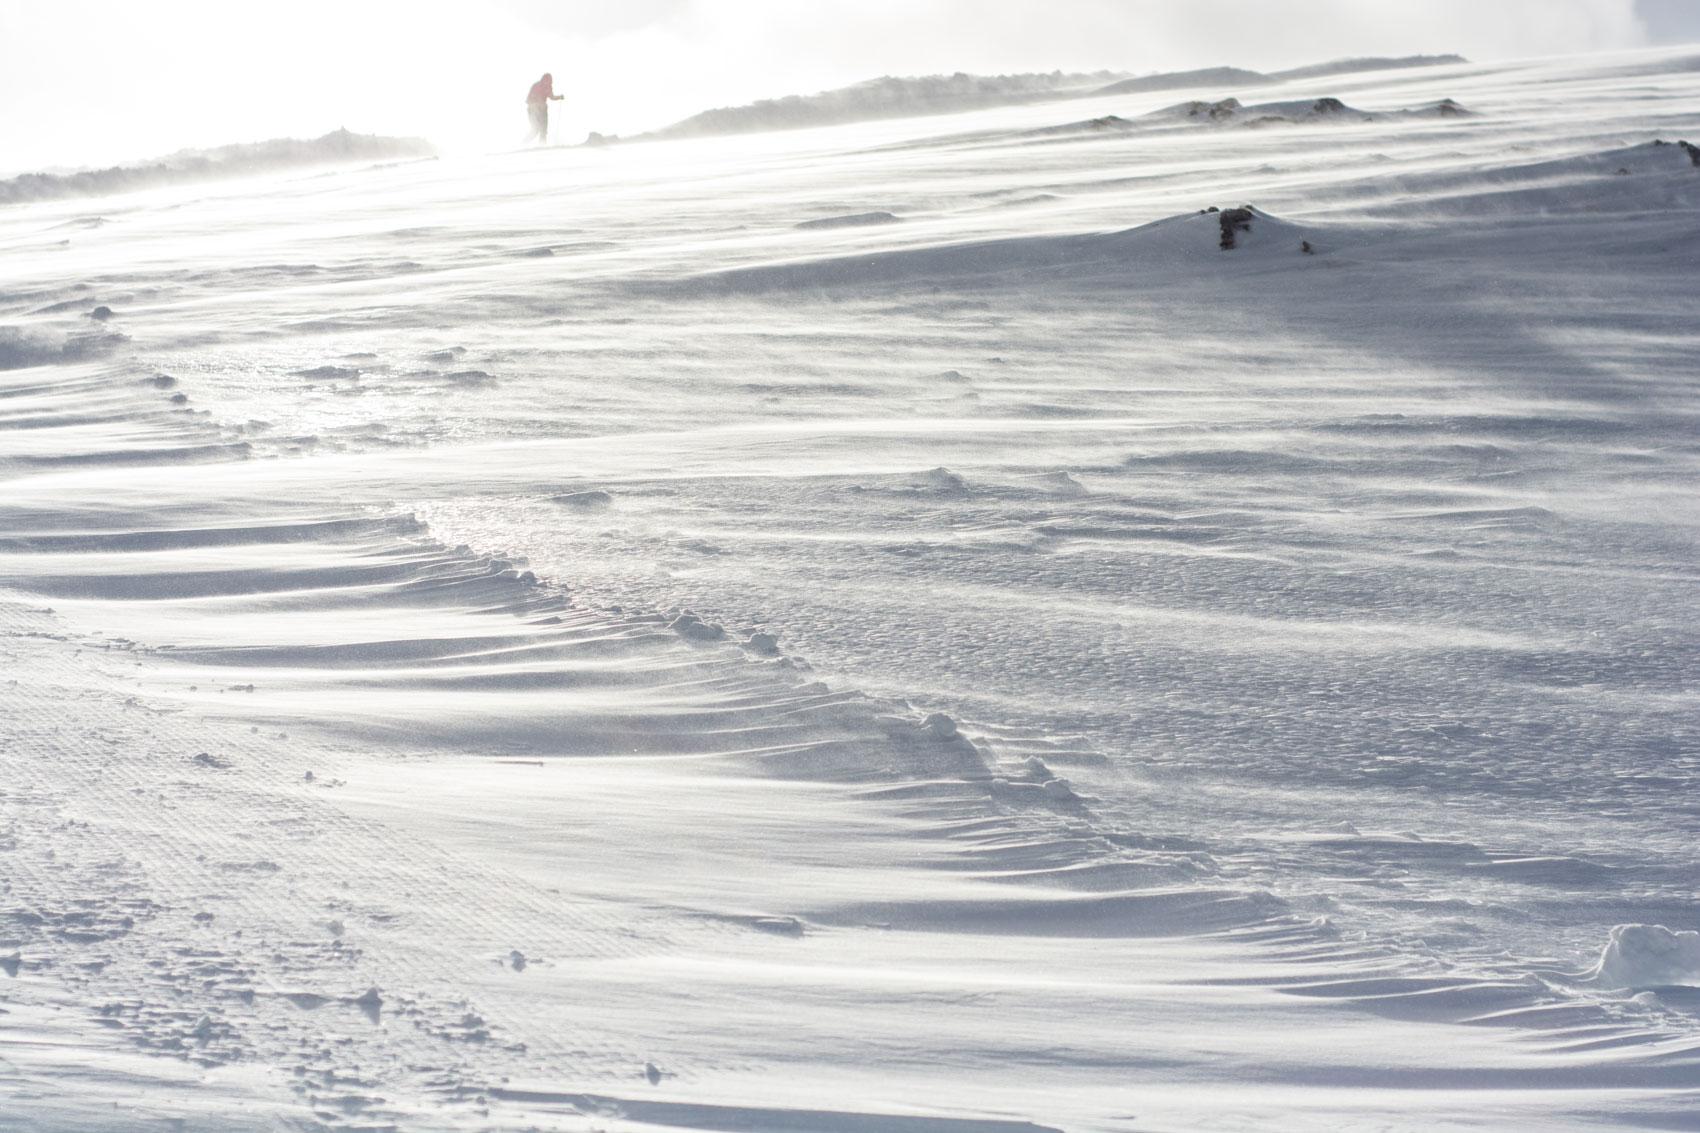 schneeverwehungen-dachstein-bergfoto-stefanie-ramb-krambeutel-munichmountaingirls